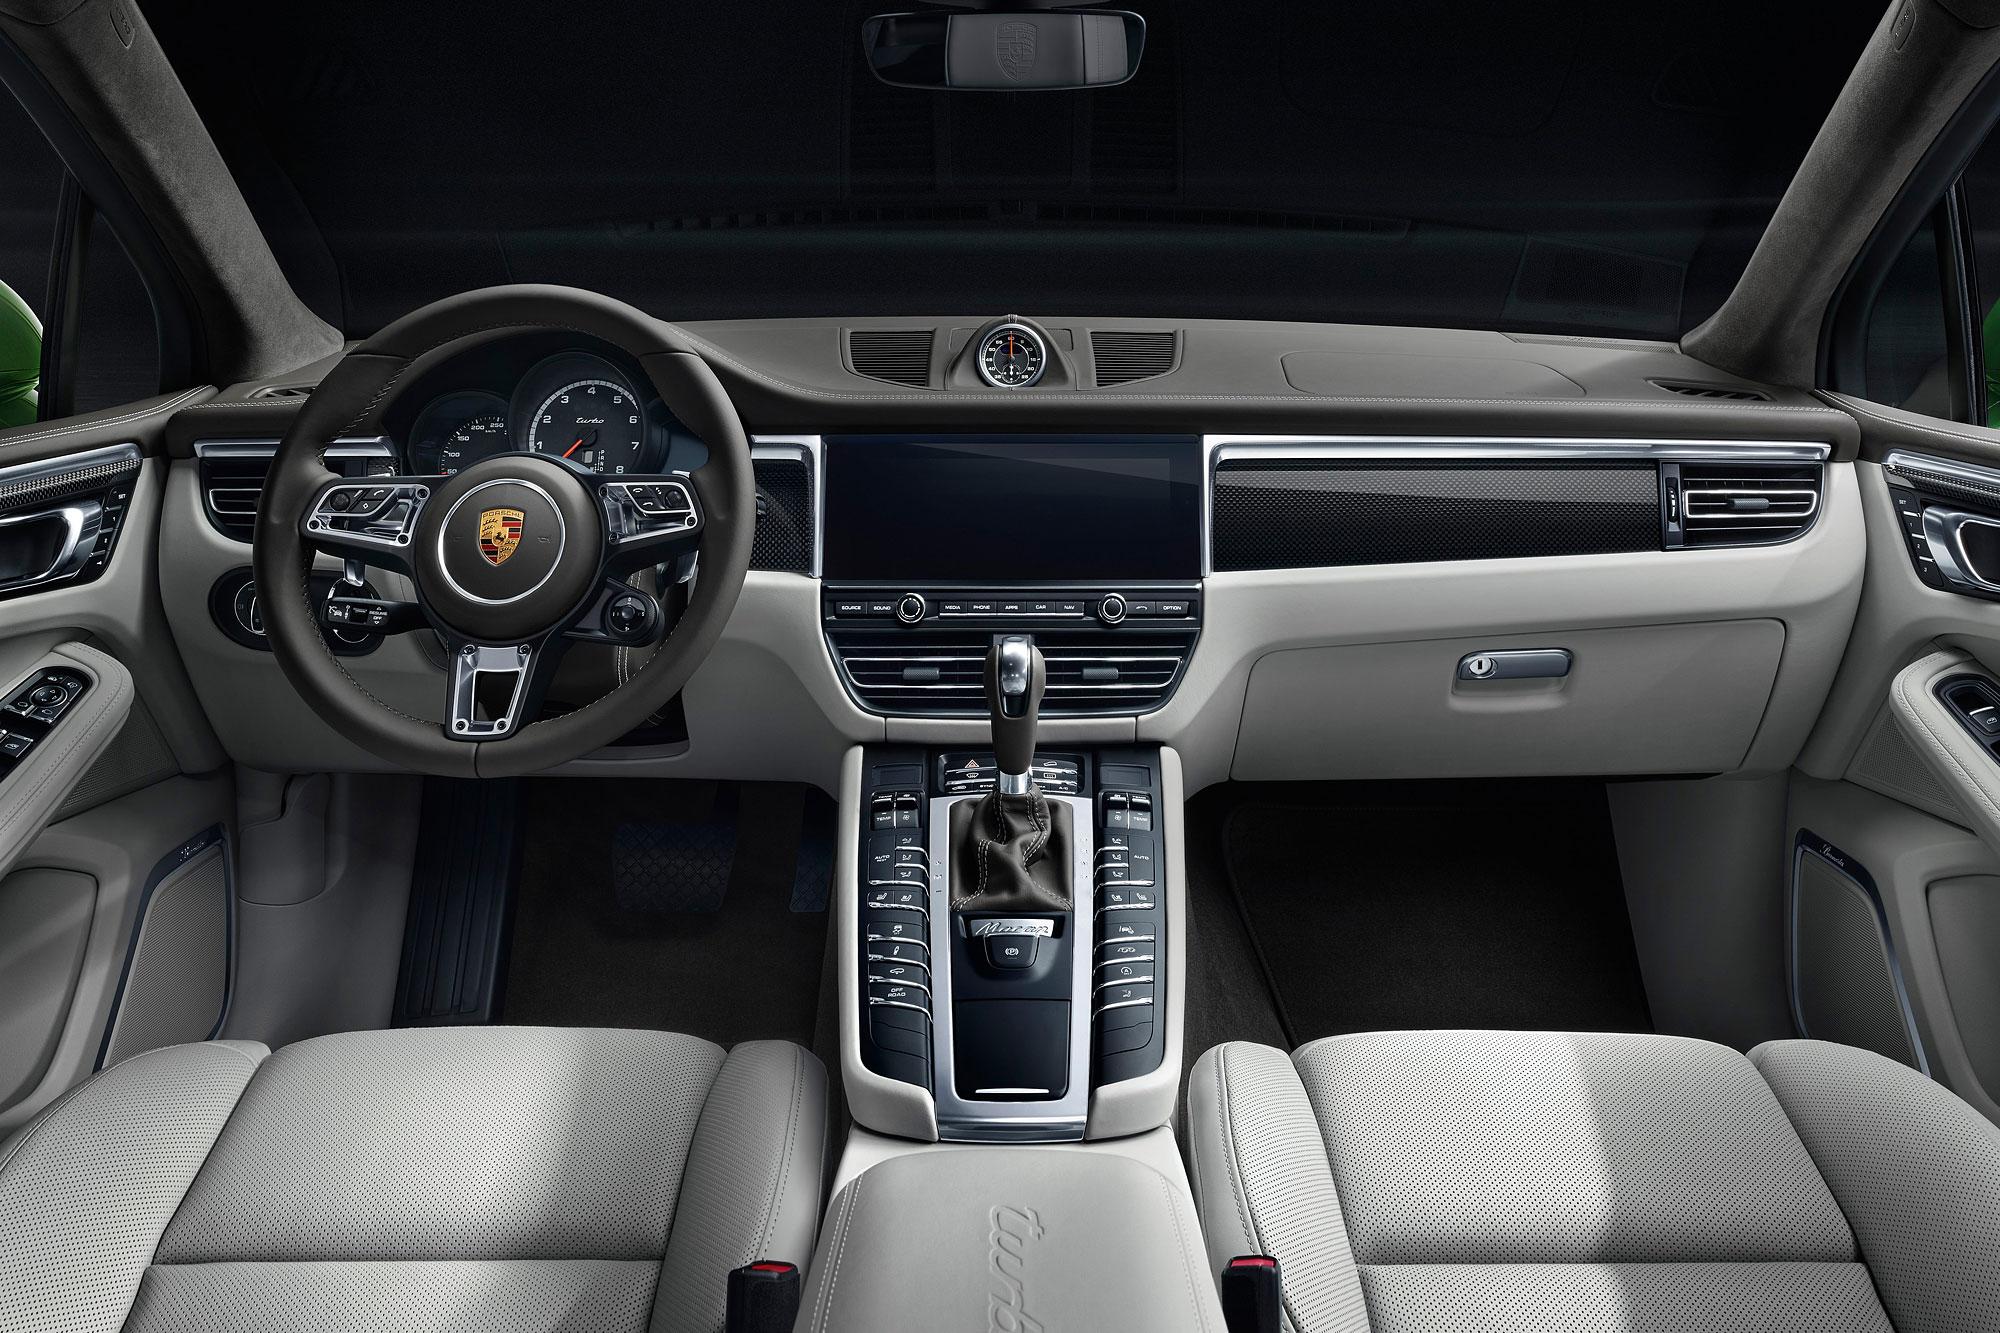 科技化的座艙鋪陳與 Macan 以及 Macan S 相同。